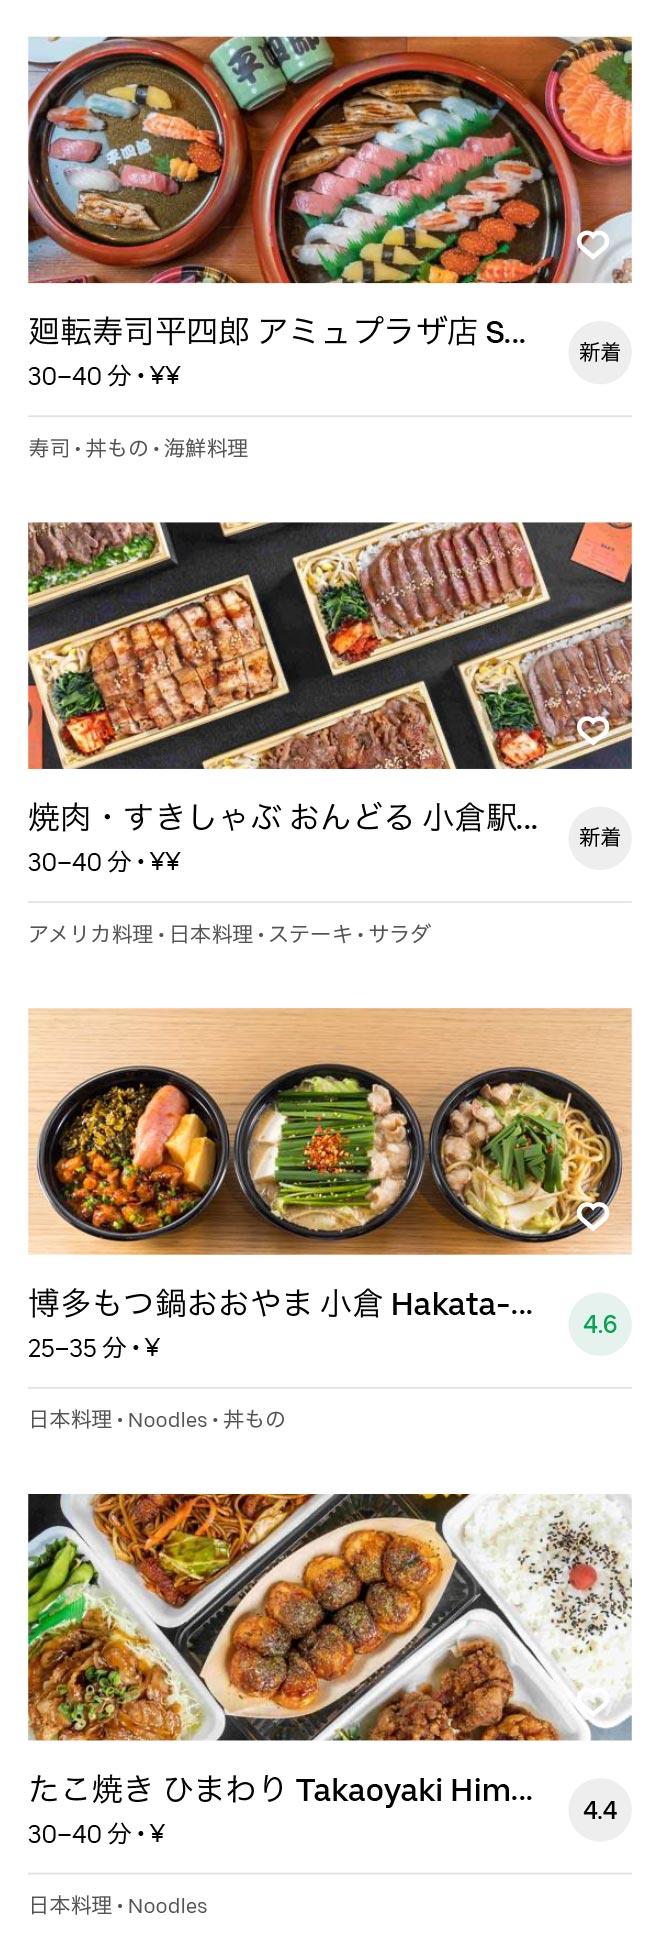 Kokura menu 2008 08